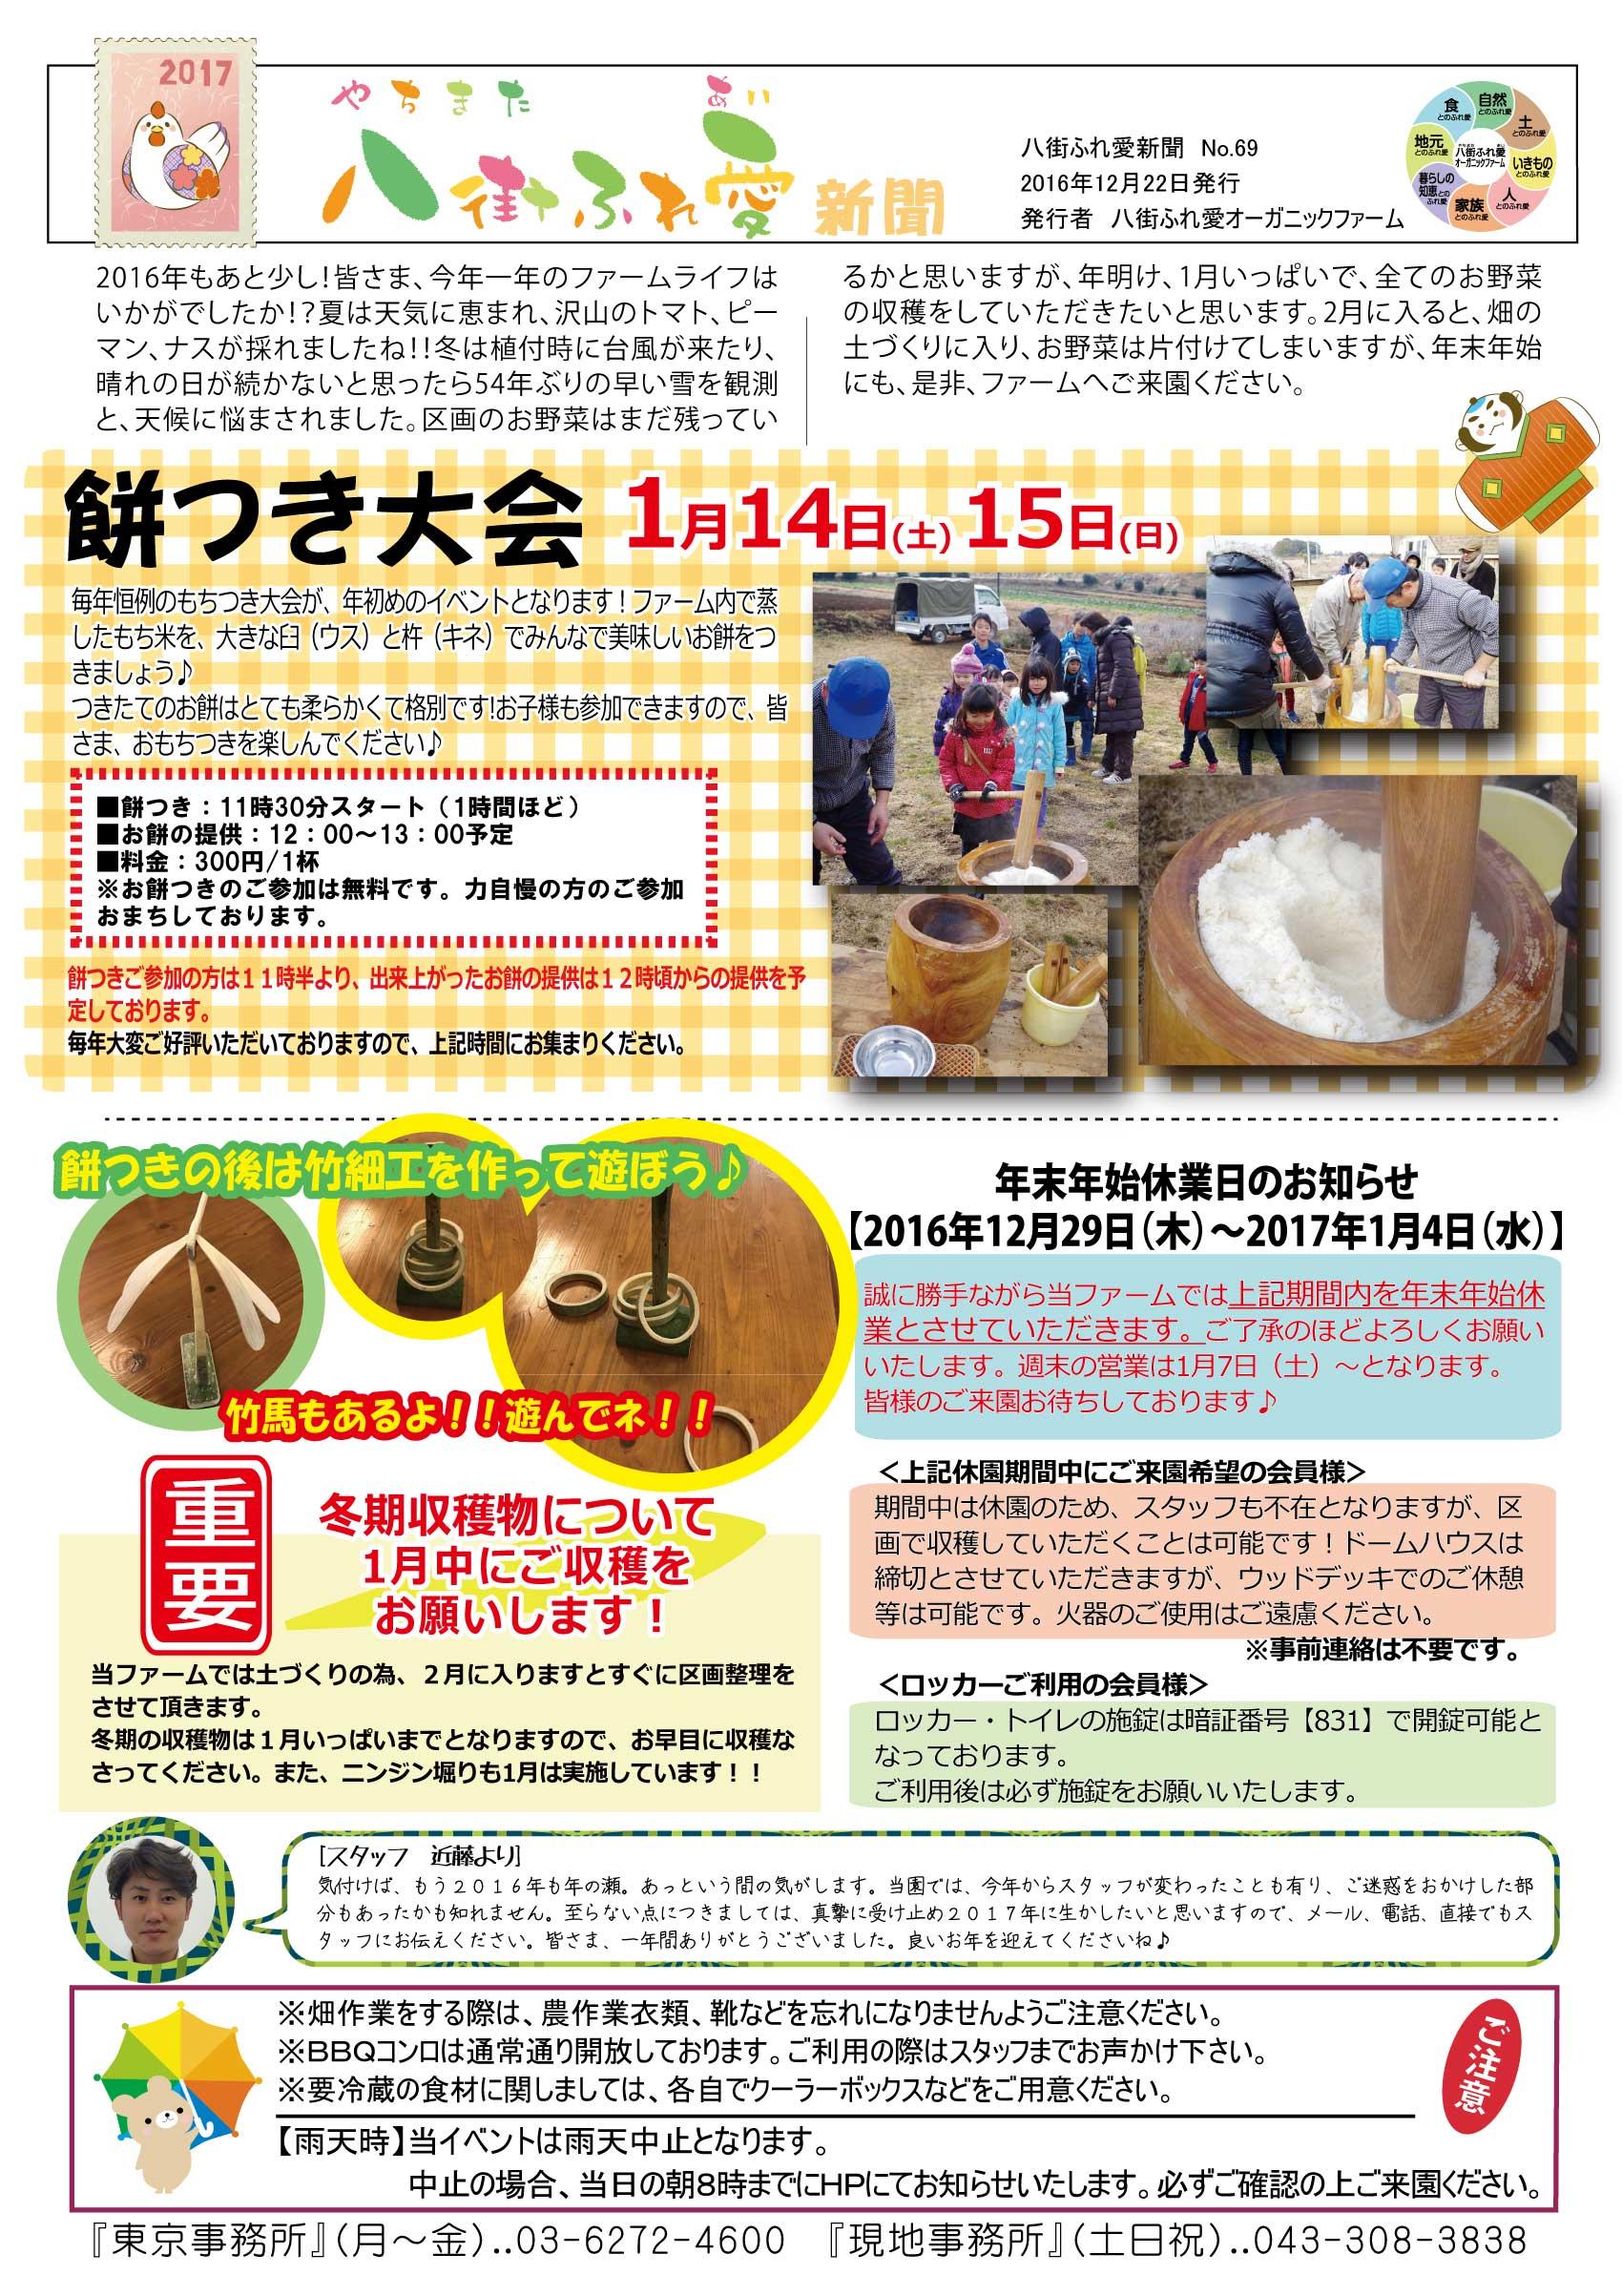 餅つき大会 毎年恒例のもちつき大会が年初めのイベントとなります!ファーム内で蒸したもち米を大きな臼(ウス)と杵(キネ)でみんなで美味しいお餅をつきましょう♪